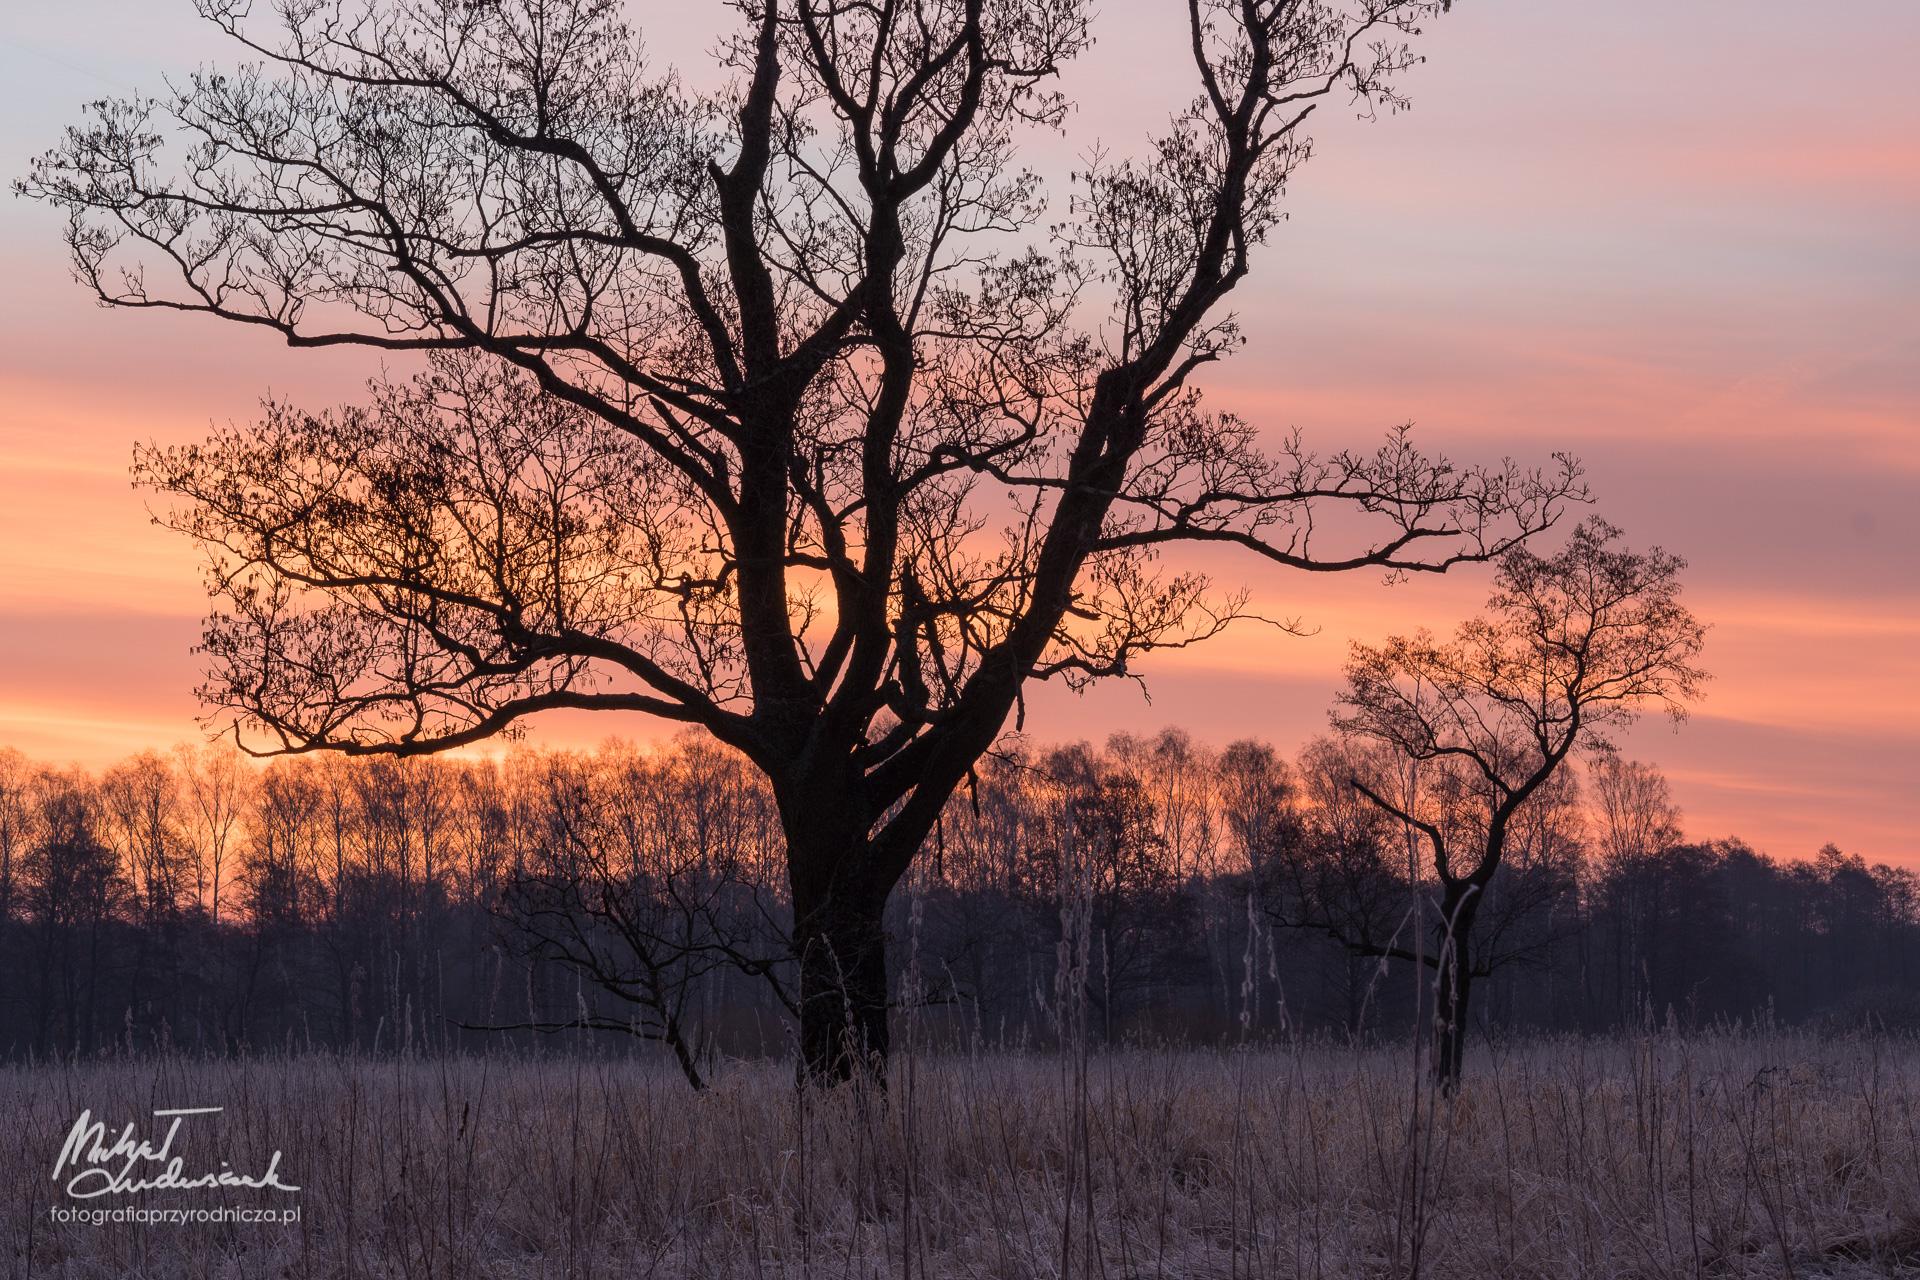 Nowe drzewa o świcie. Podejście drugie.